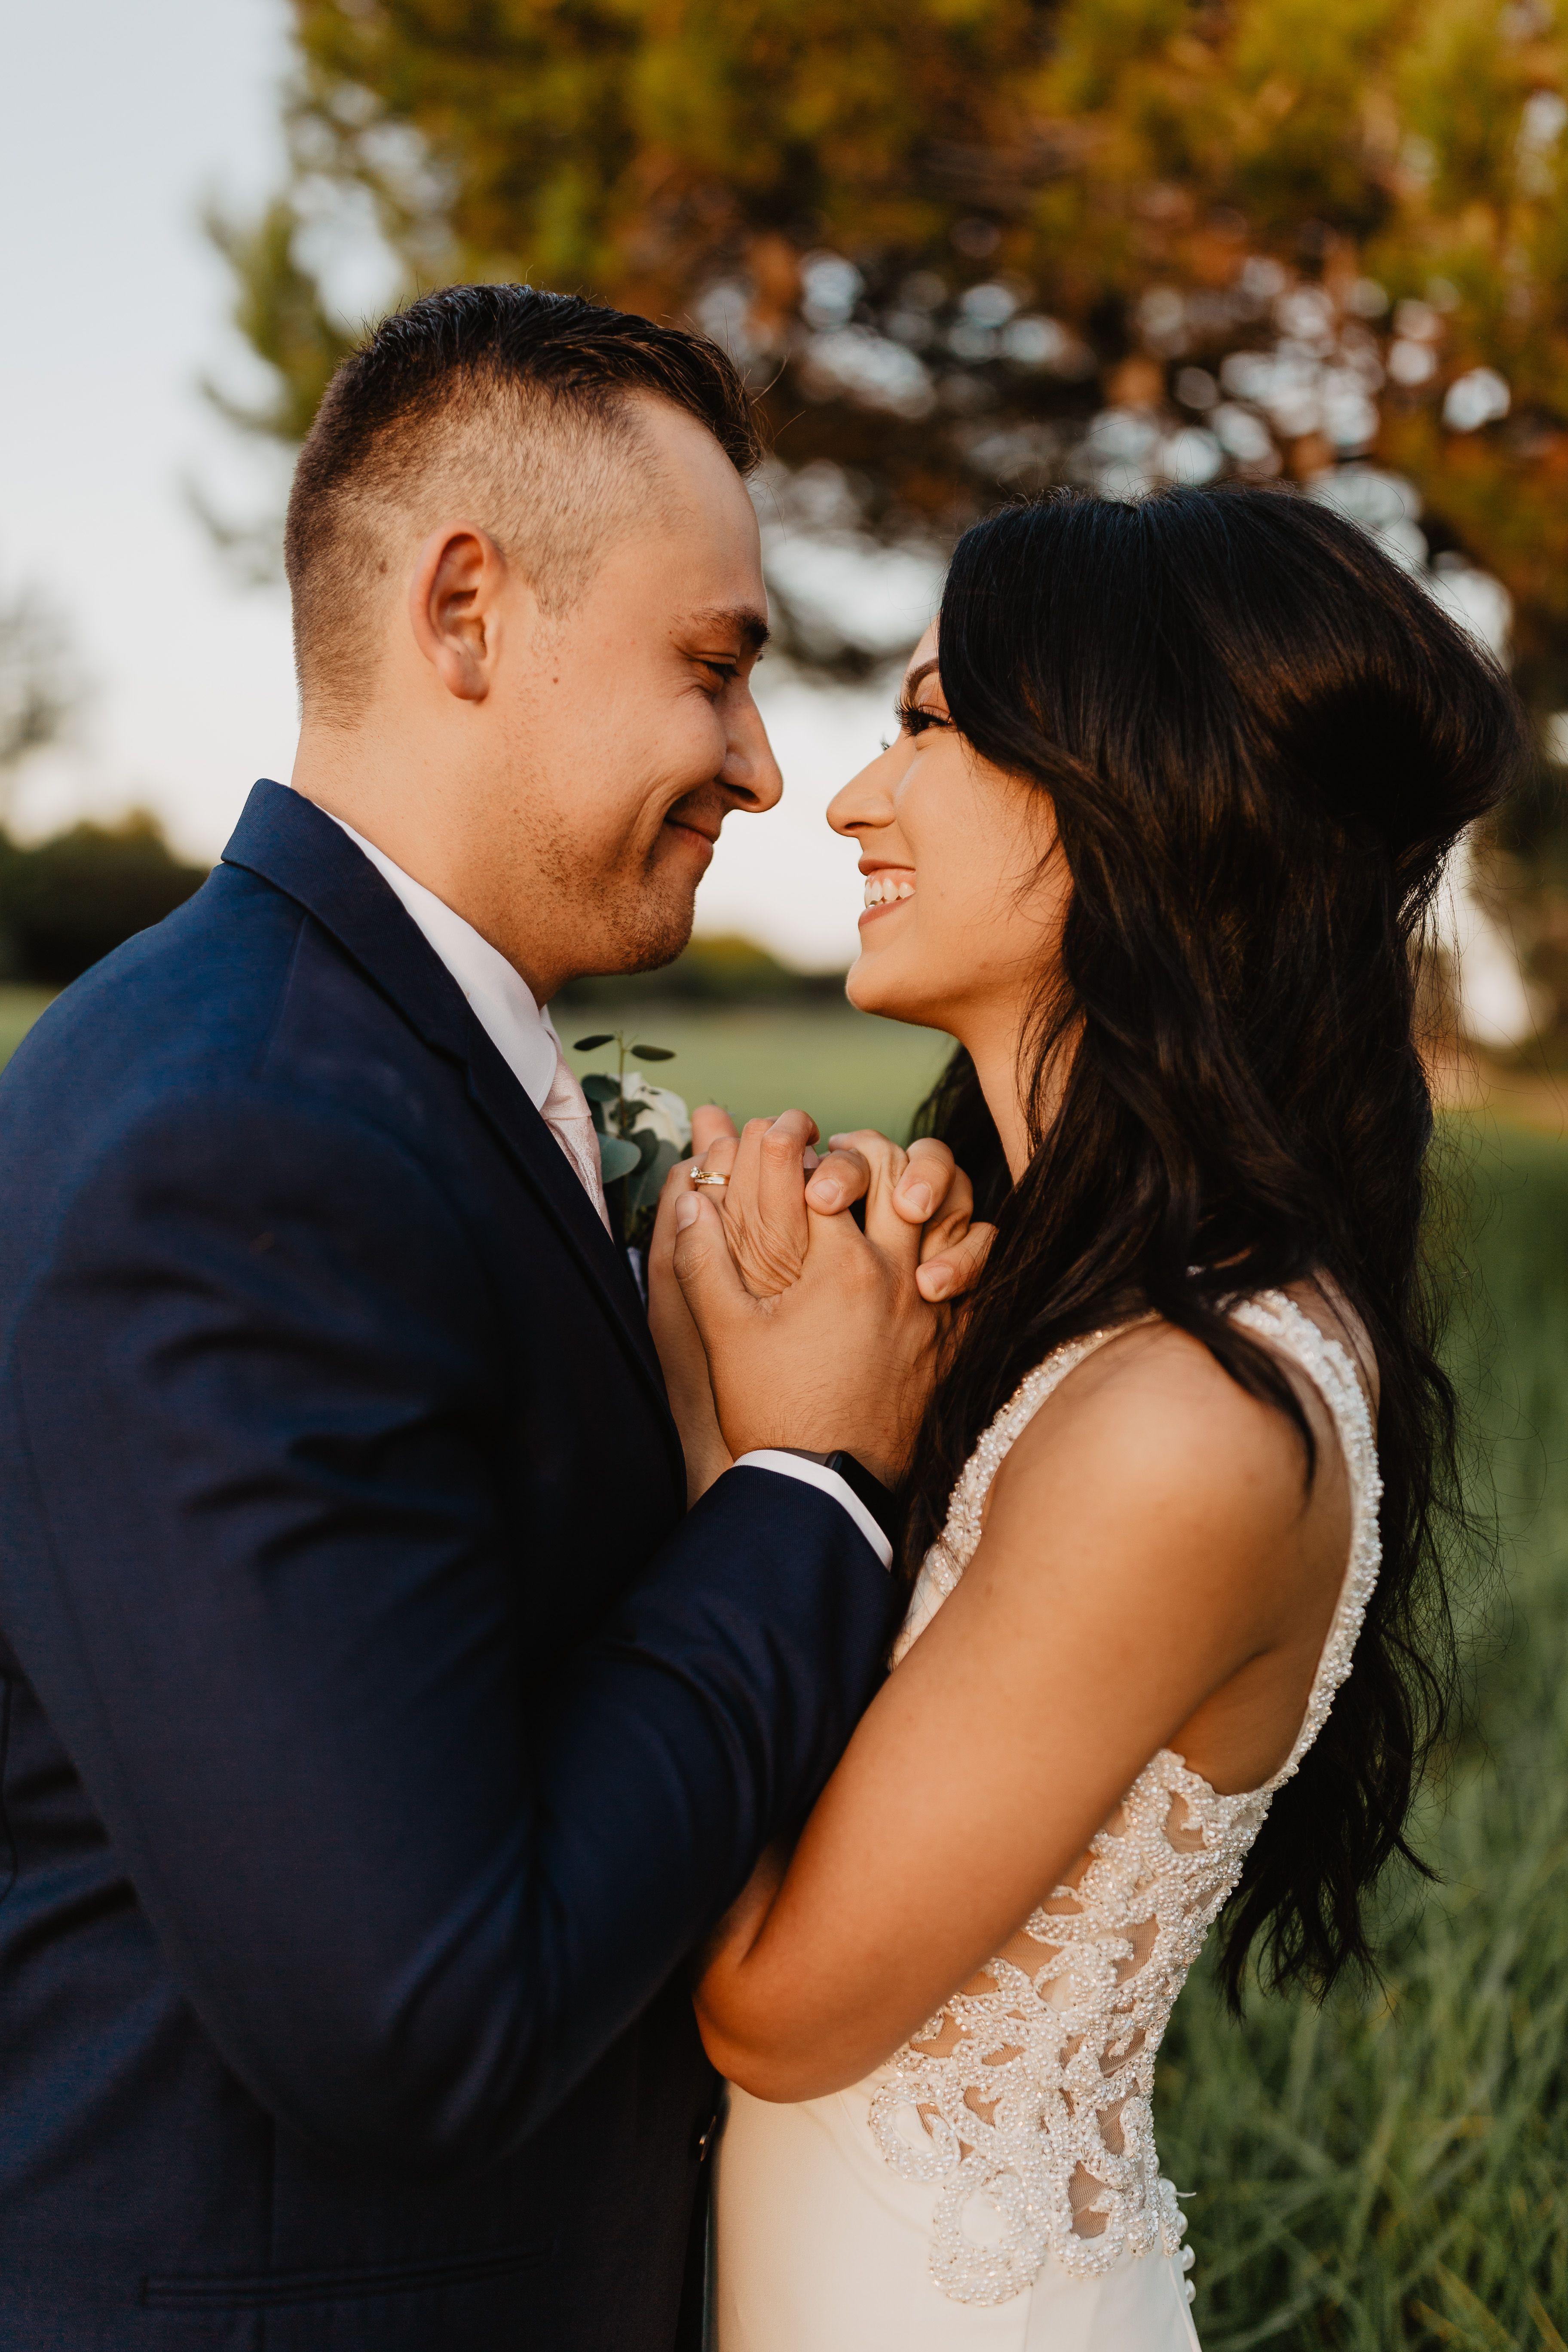 Socal Orange County Wedding Photography Orange County Wedding Photography Wedding Photographers Photography Photography